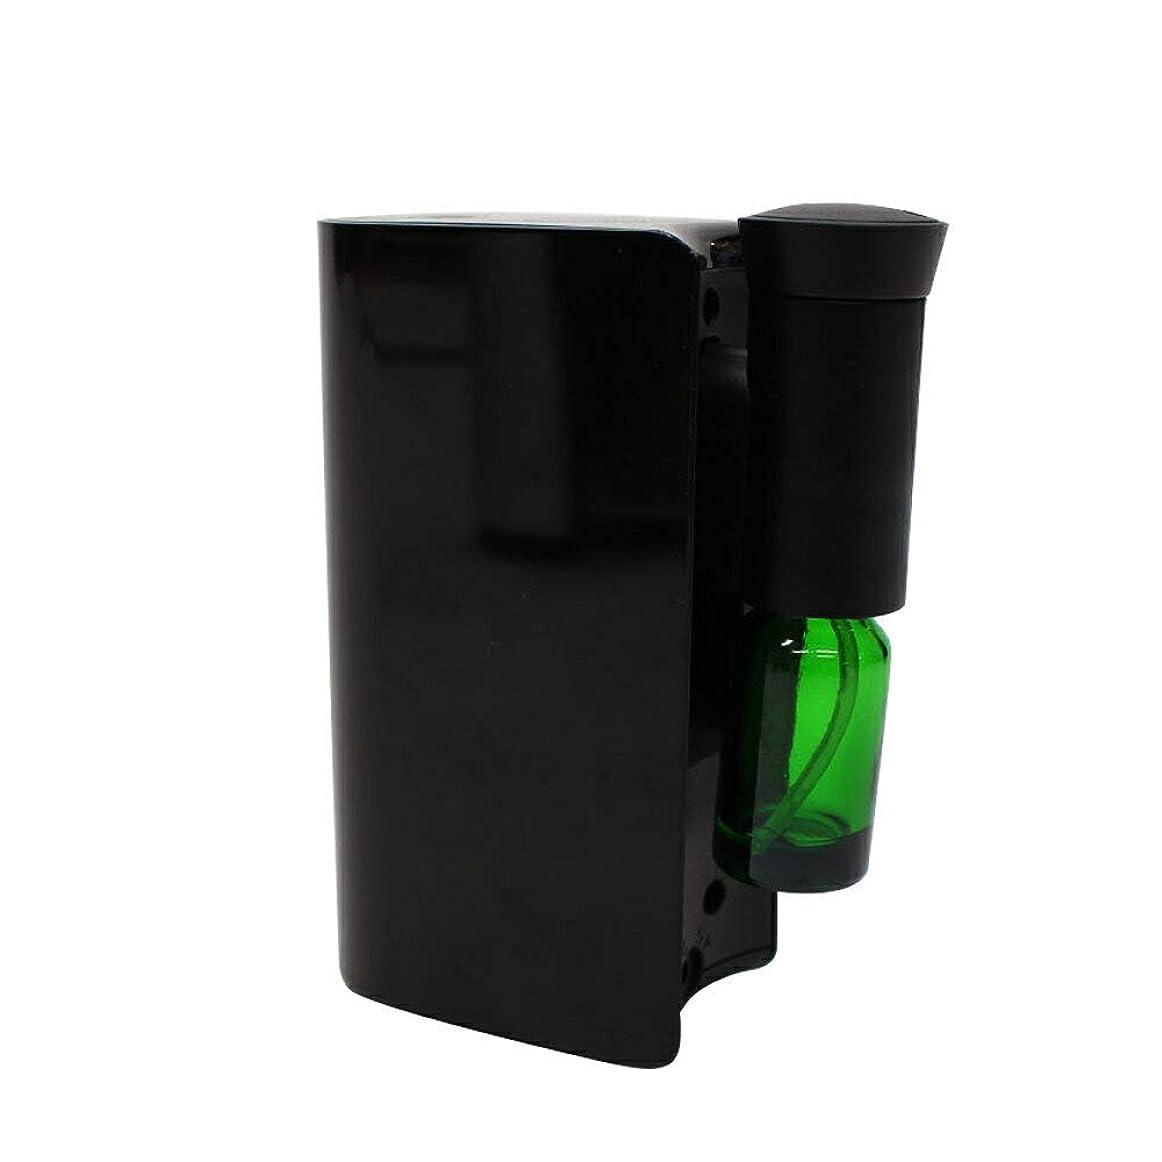 よく話される狐教育学電池式アロマディフューザー 水を使わない ネブライザー式 アロマ ディフューザー アロマオイル対応 自動停止 ECOモード搭載 コンパクト 香り 癒し シンプル ブラック